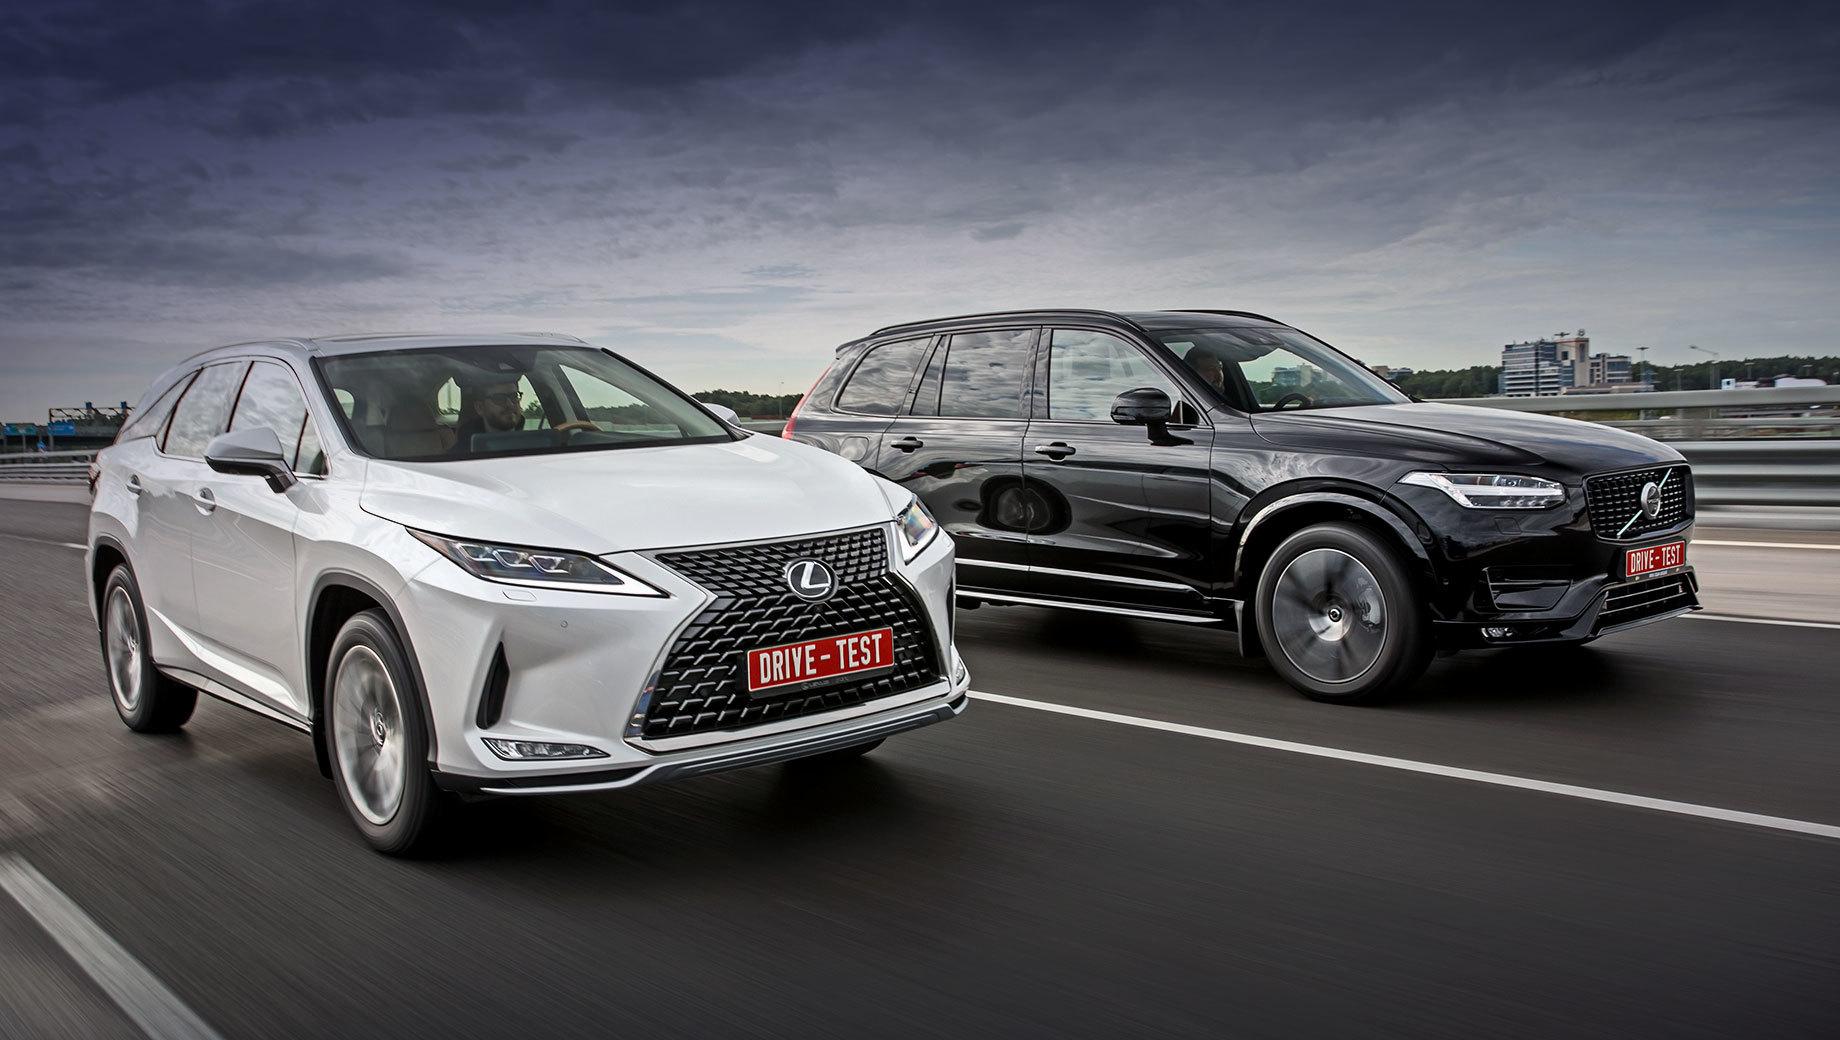 Lexus rx,Volvo xc90. Семиместный Lexus RX 350L (V6, 294 л.с.) предлагается в двух комплектациях — за 4,56 и 5,43 млн рублей. Выбора моторов нет. Volvo XC90 бывает бензиновым (T5), гибридным (T8) или дизельным (D5, 235 л.с.). В тесте участвует D5, вилка цен на который ― от 4,71 до 7,18 млн.